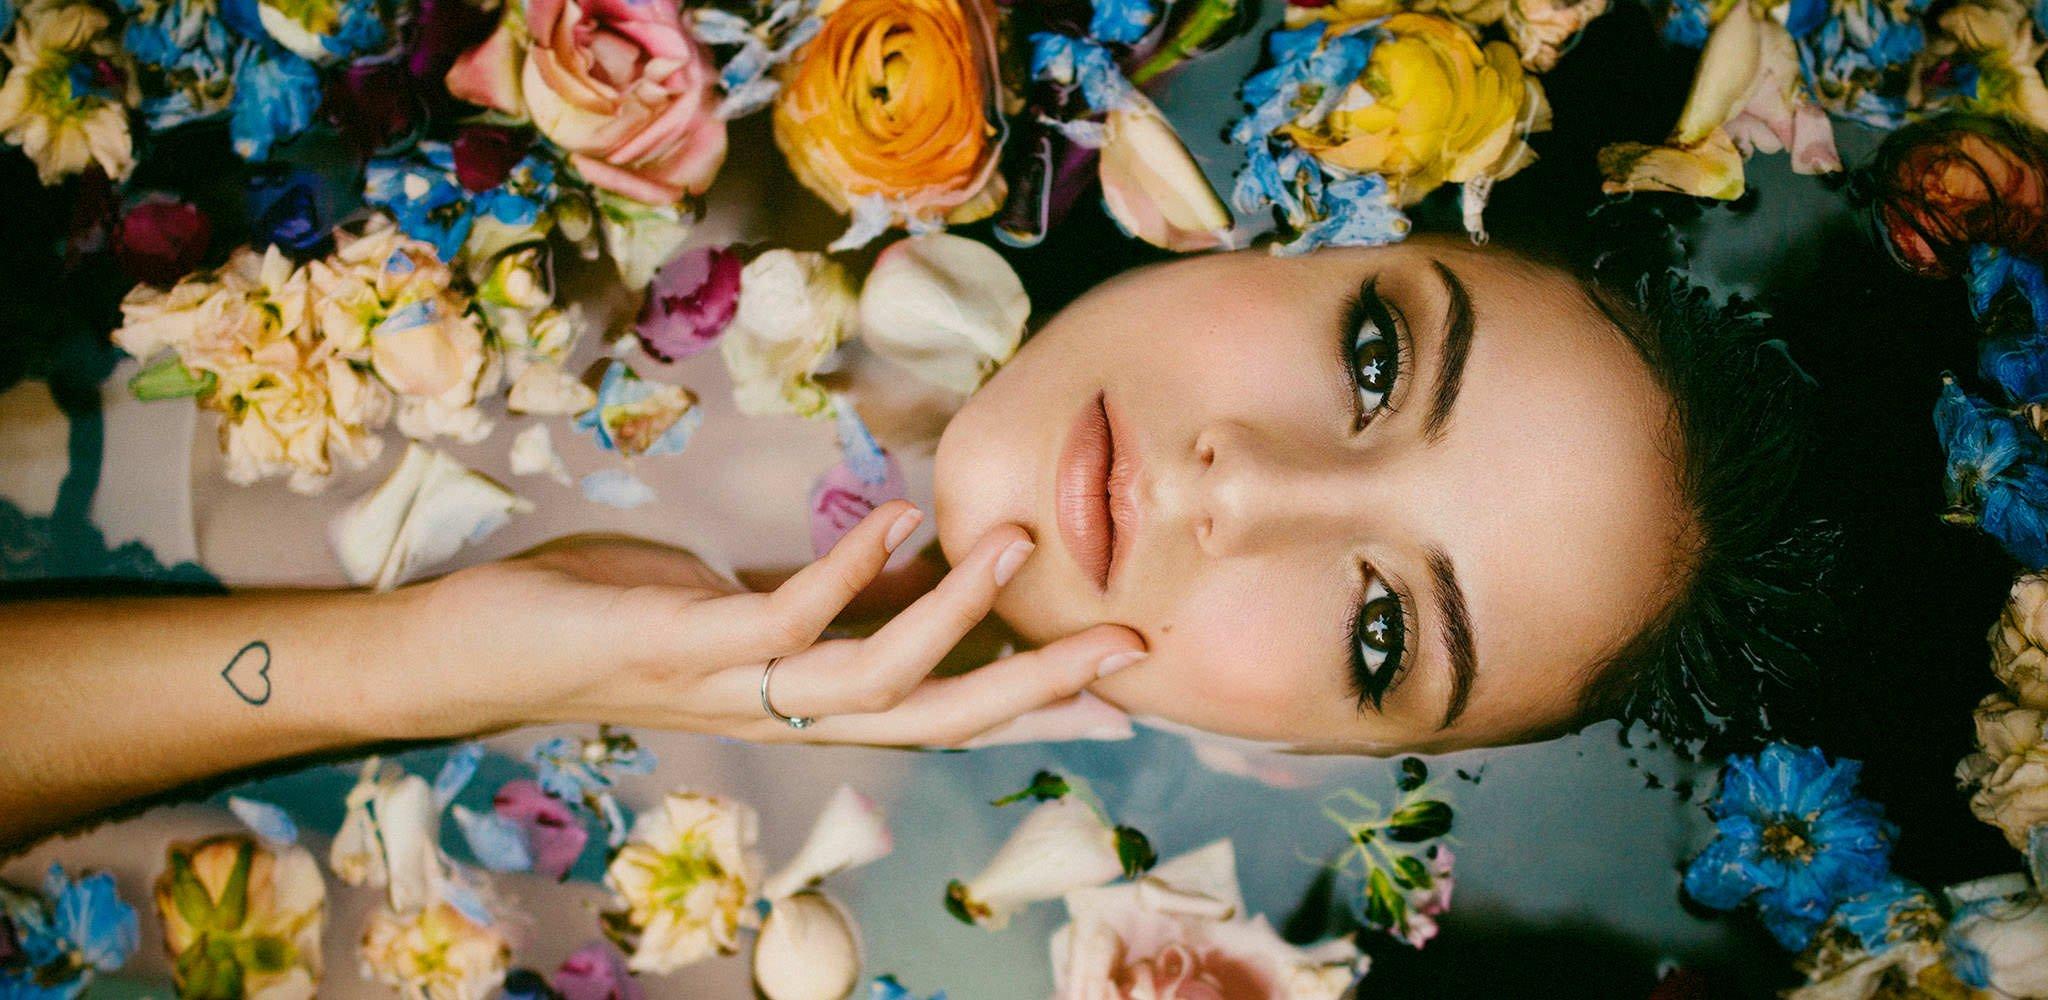 Fotos Boudoir - Bañera con flores - Pedro Talens